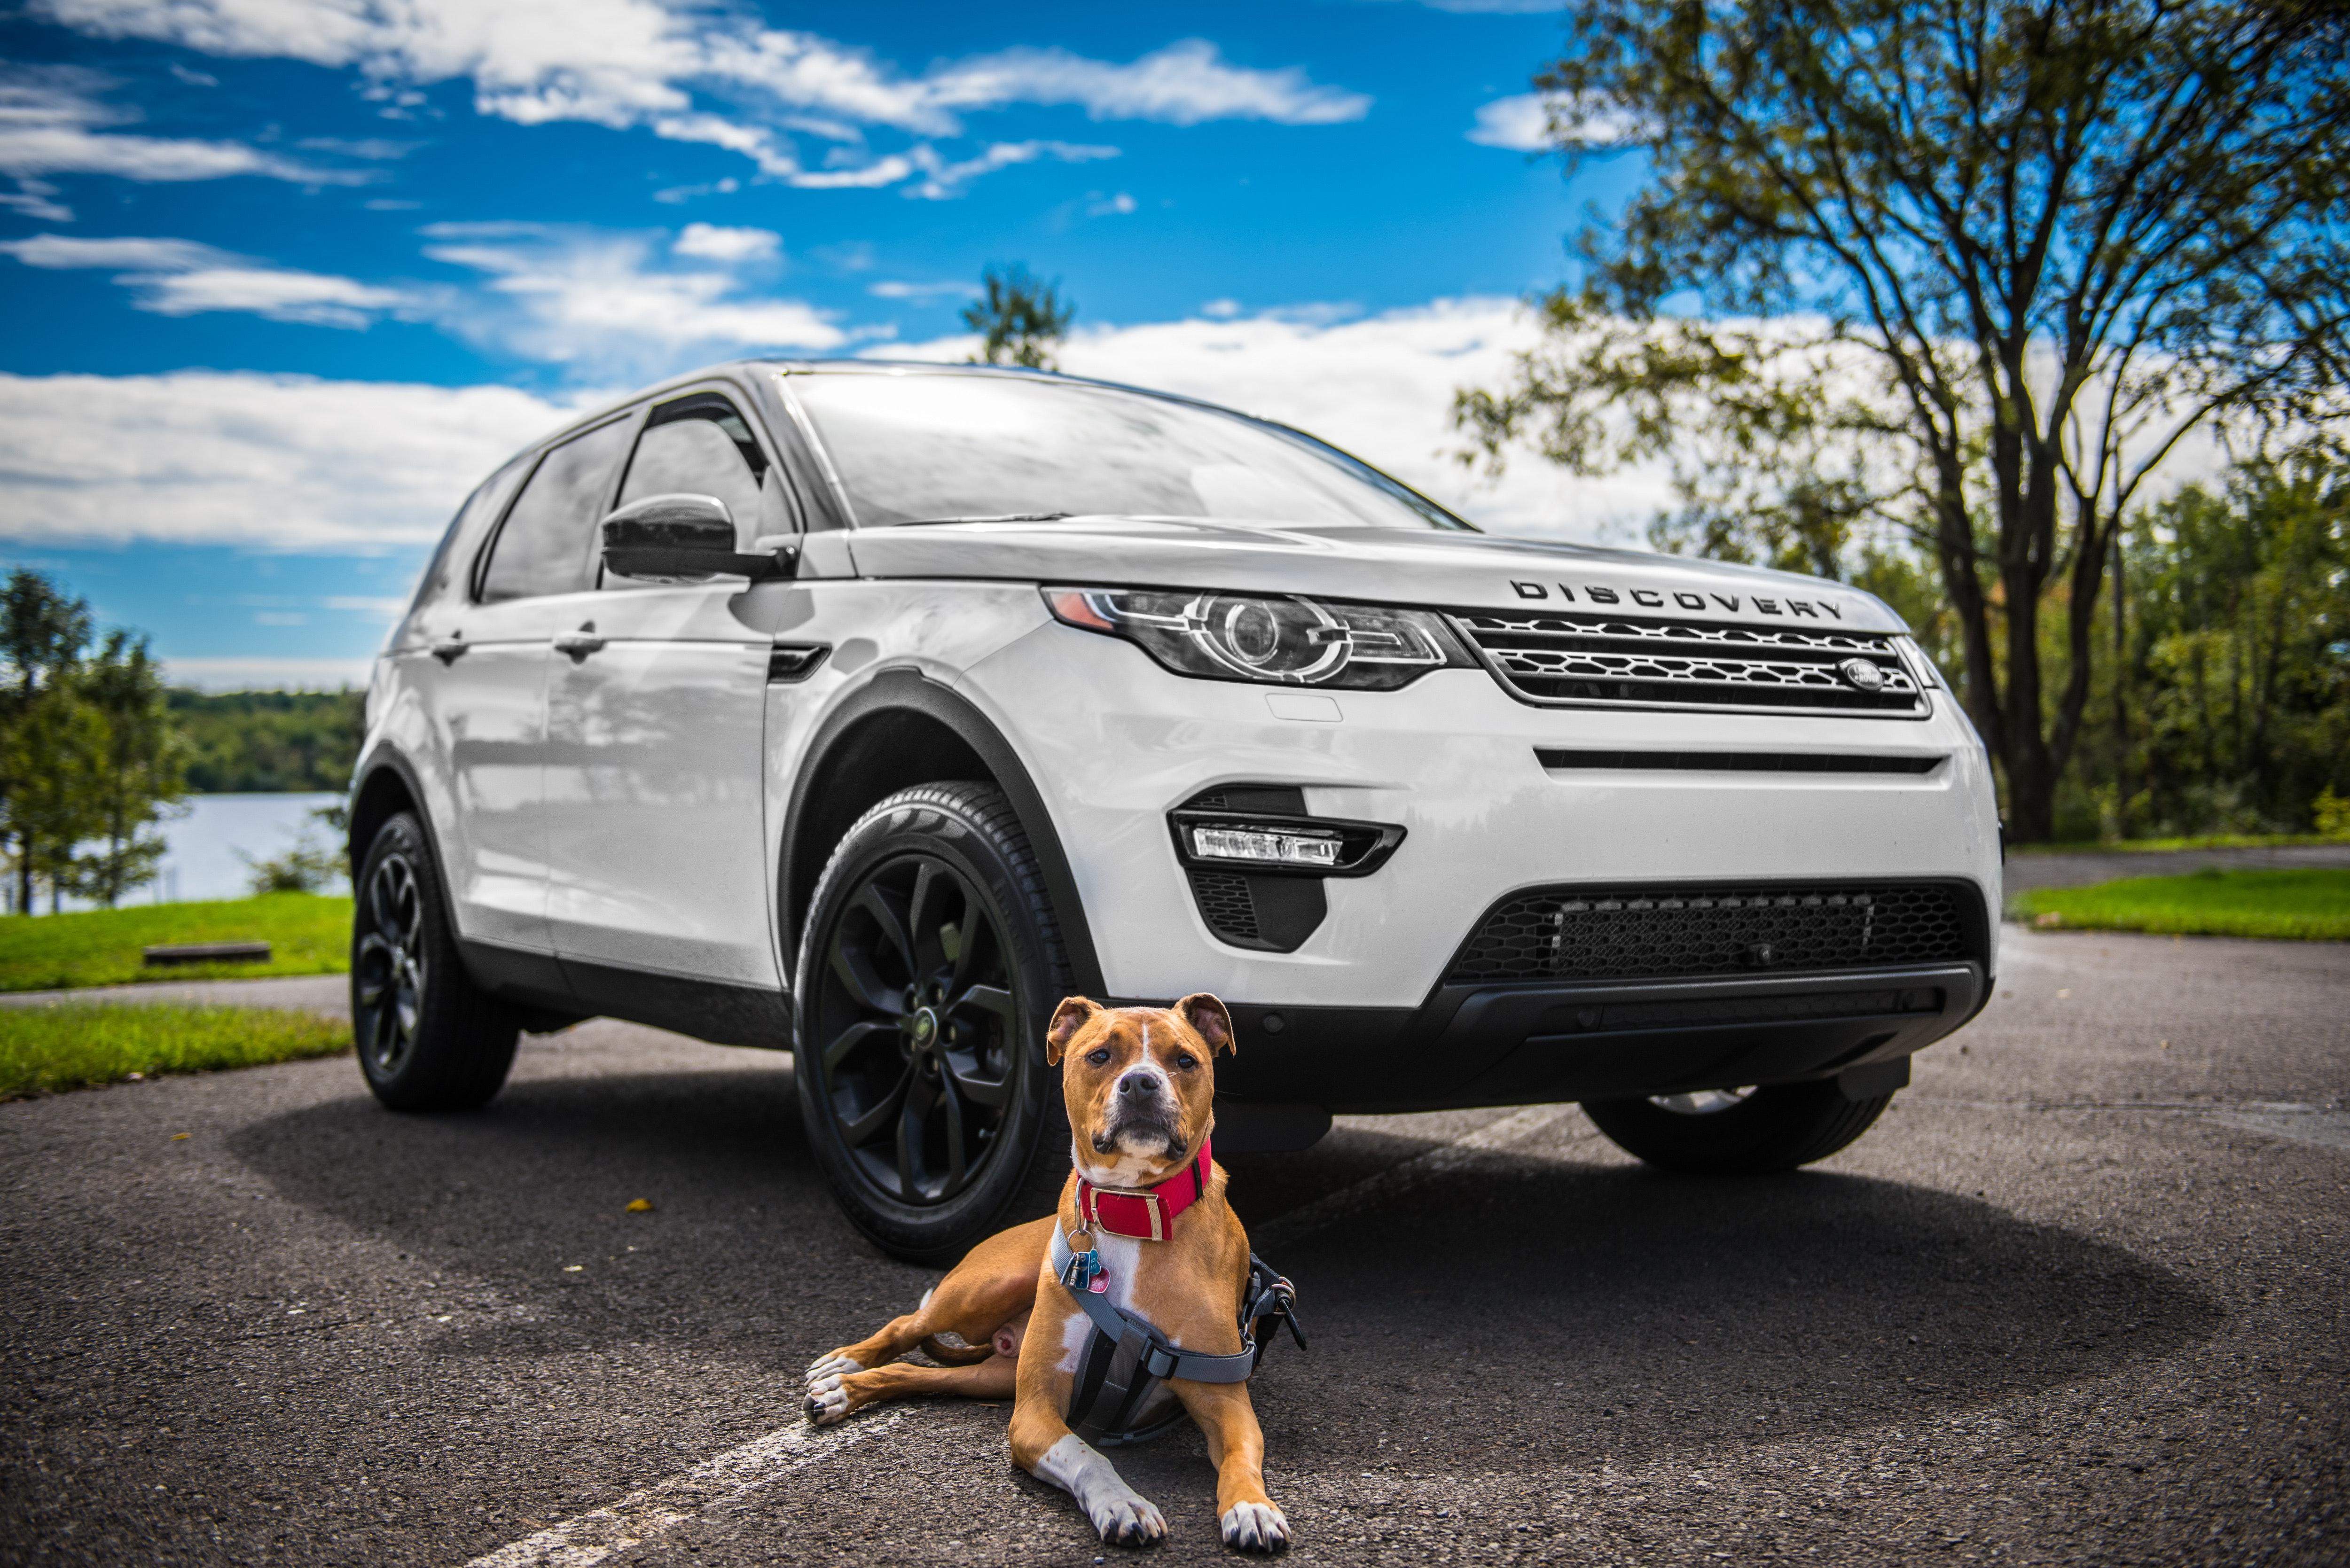 Der Land Rover Discovery Sport ist ein luxuriöser SUV, der sich als eins der besten Autos für Hundebesitzer herausgestellt hat. Der Kofferraum ist groß und wird mithilfe von Autozubehör von Travall zur idealen Transportmöglichkeit für Hunde im Auto. © Pixabay.com